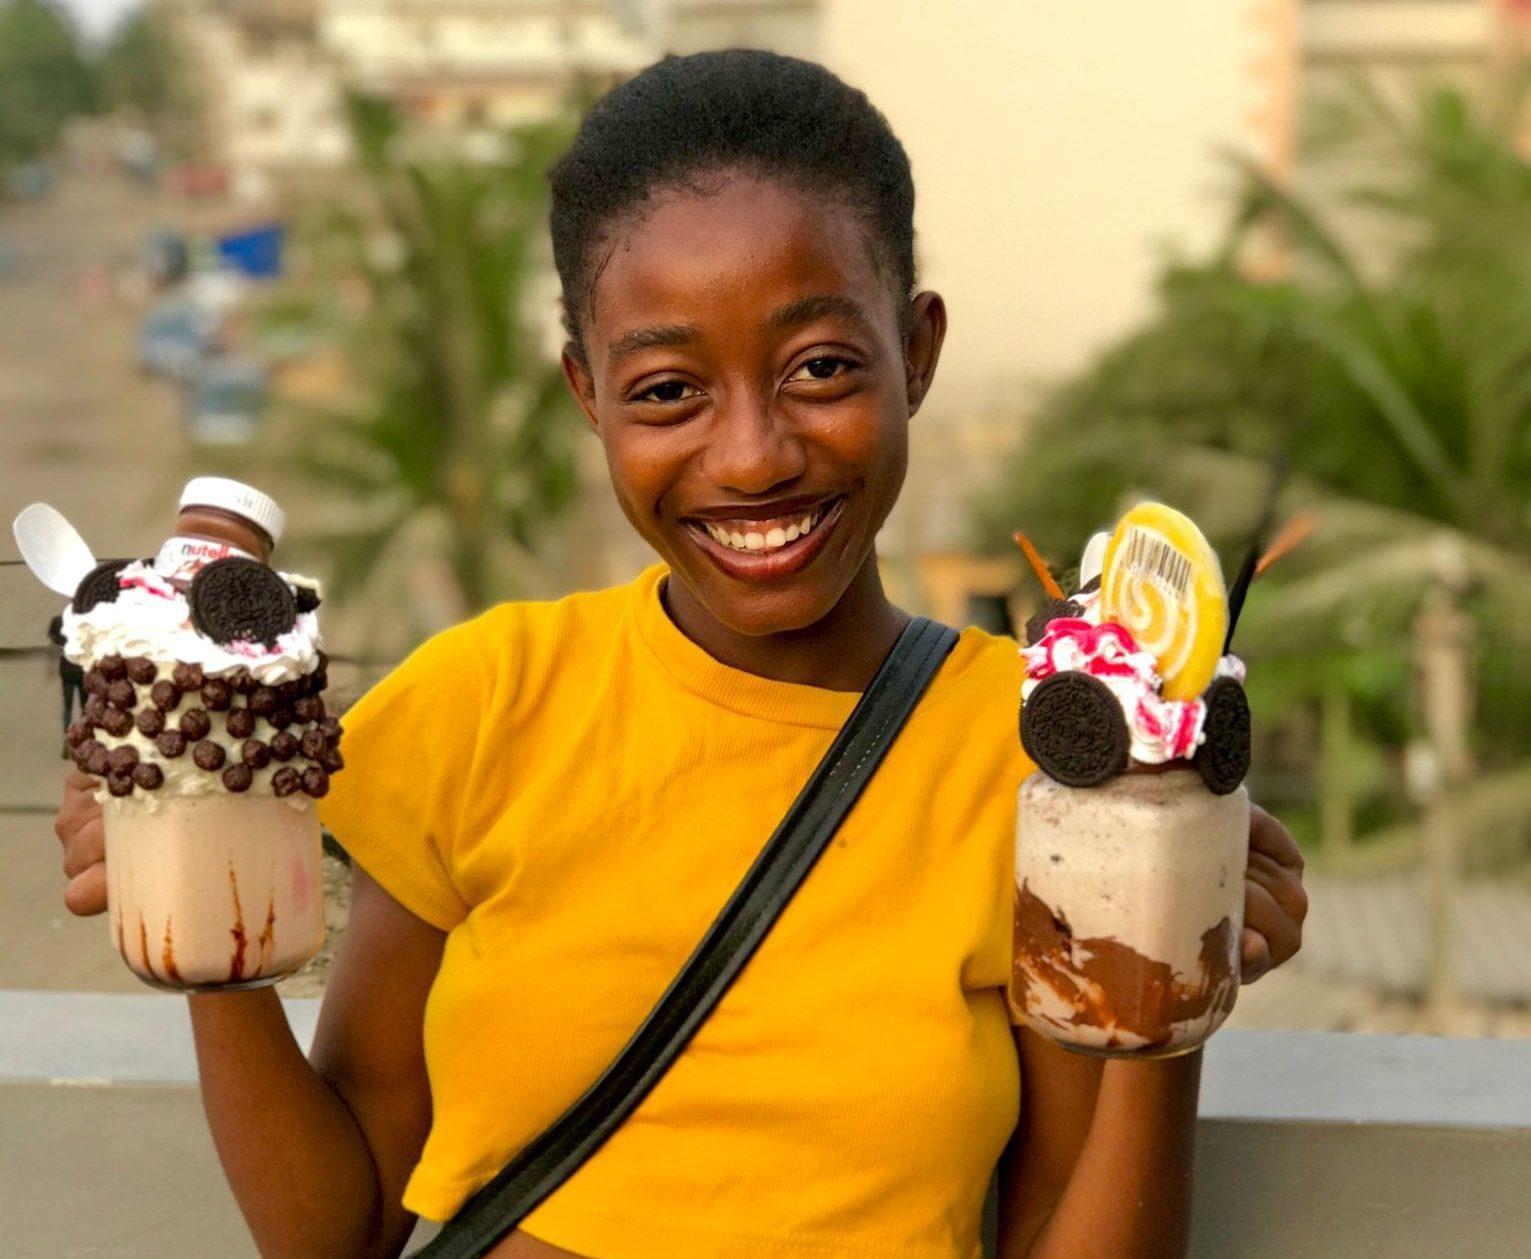 Milk House : L'Art de la Gourmandise Glacée et de l'Indépendance d'Honorine Akollor